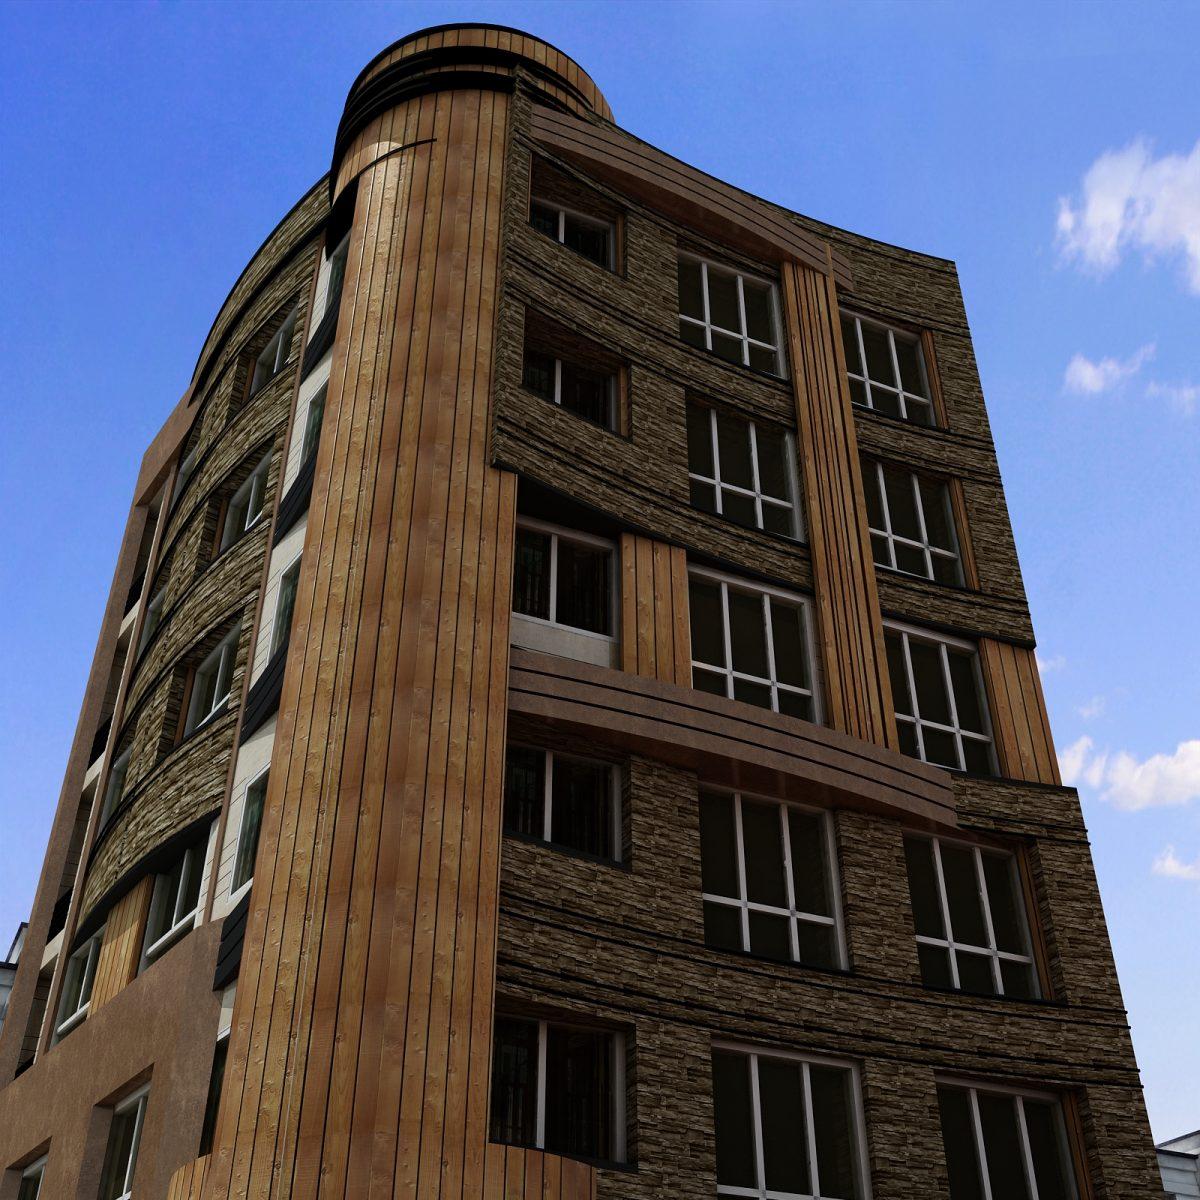 بازسازی ساختمان|دکوراسیون داخلی|طراحی معماری و سازه|مدیریت و کنرل پروژه|تهیه مدارک جهت ارائه به شهرداری|اجرای صفر تا صد ساختمان|طراحی داخلی و نقشه معماری